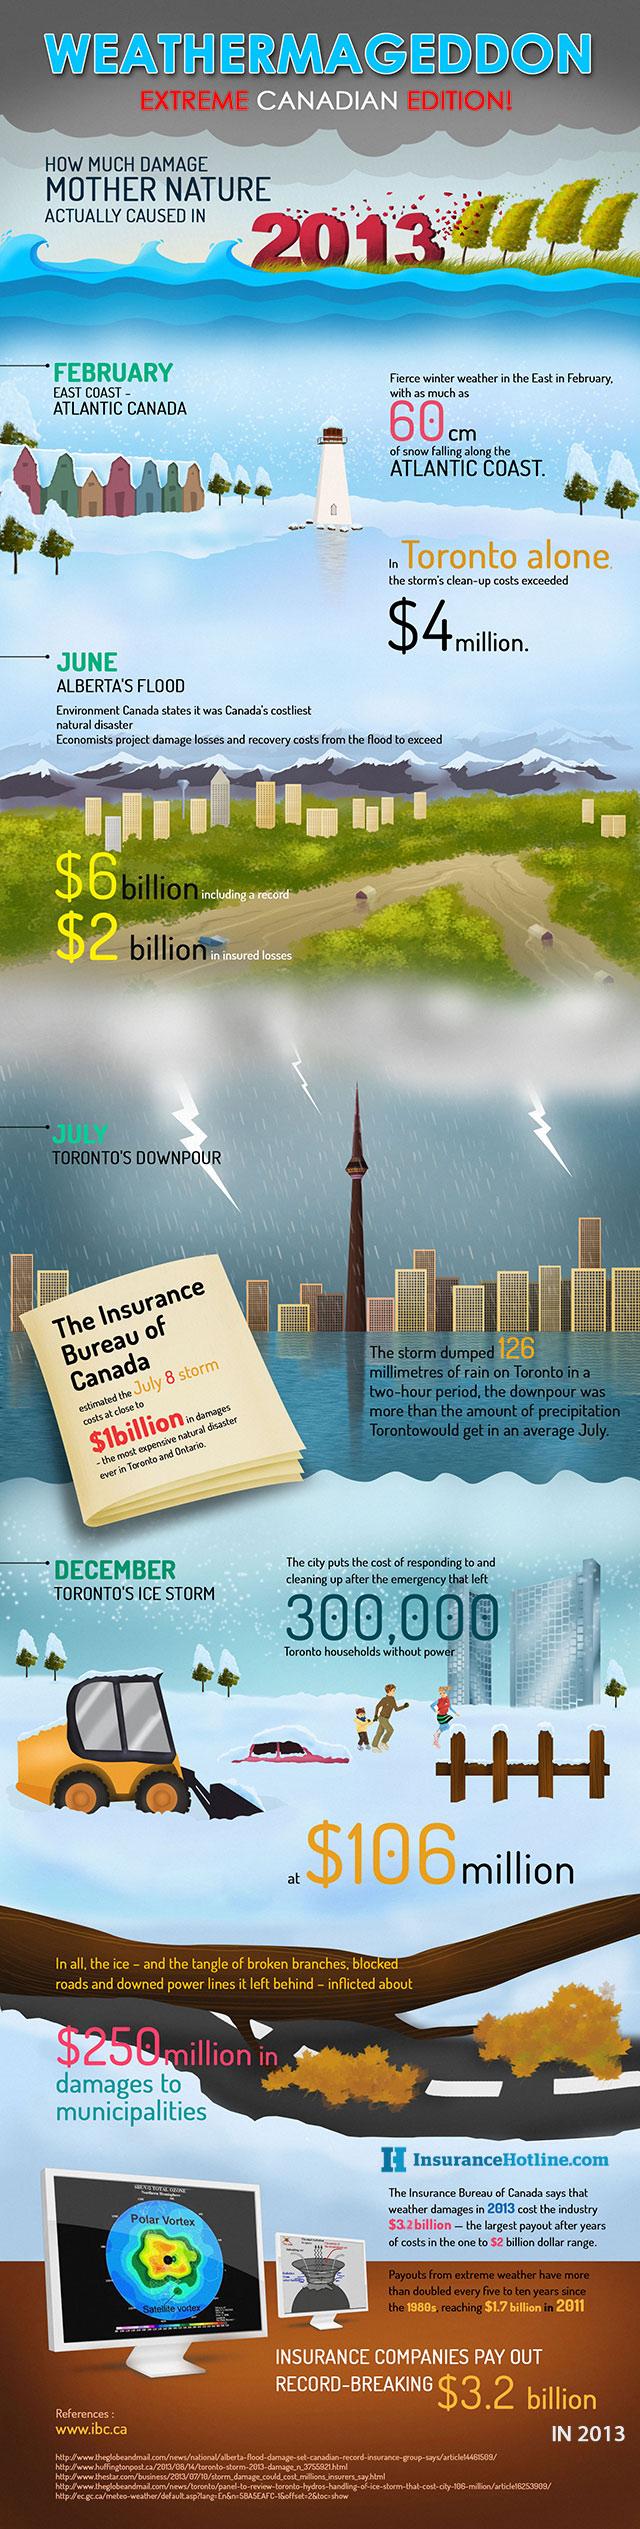 Weathermageddon: Extreme Canadian Edition